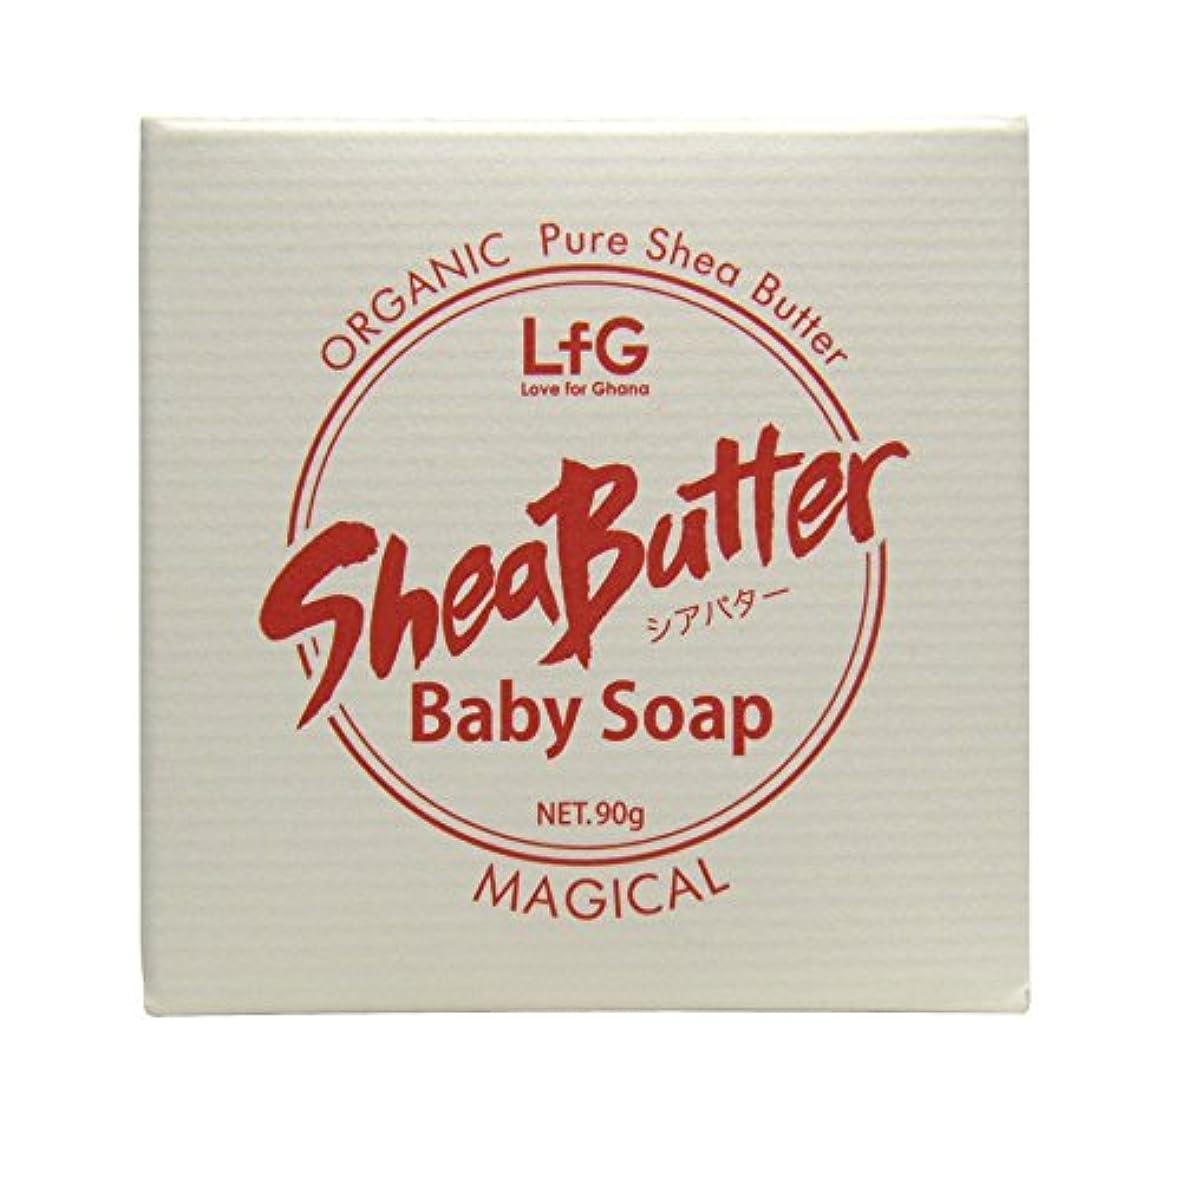 十代の若者たち均等に倍増マジカル シアバターベビーソープ 保湿石鹸 90g